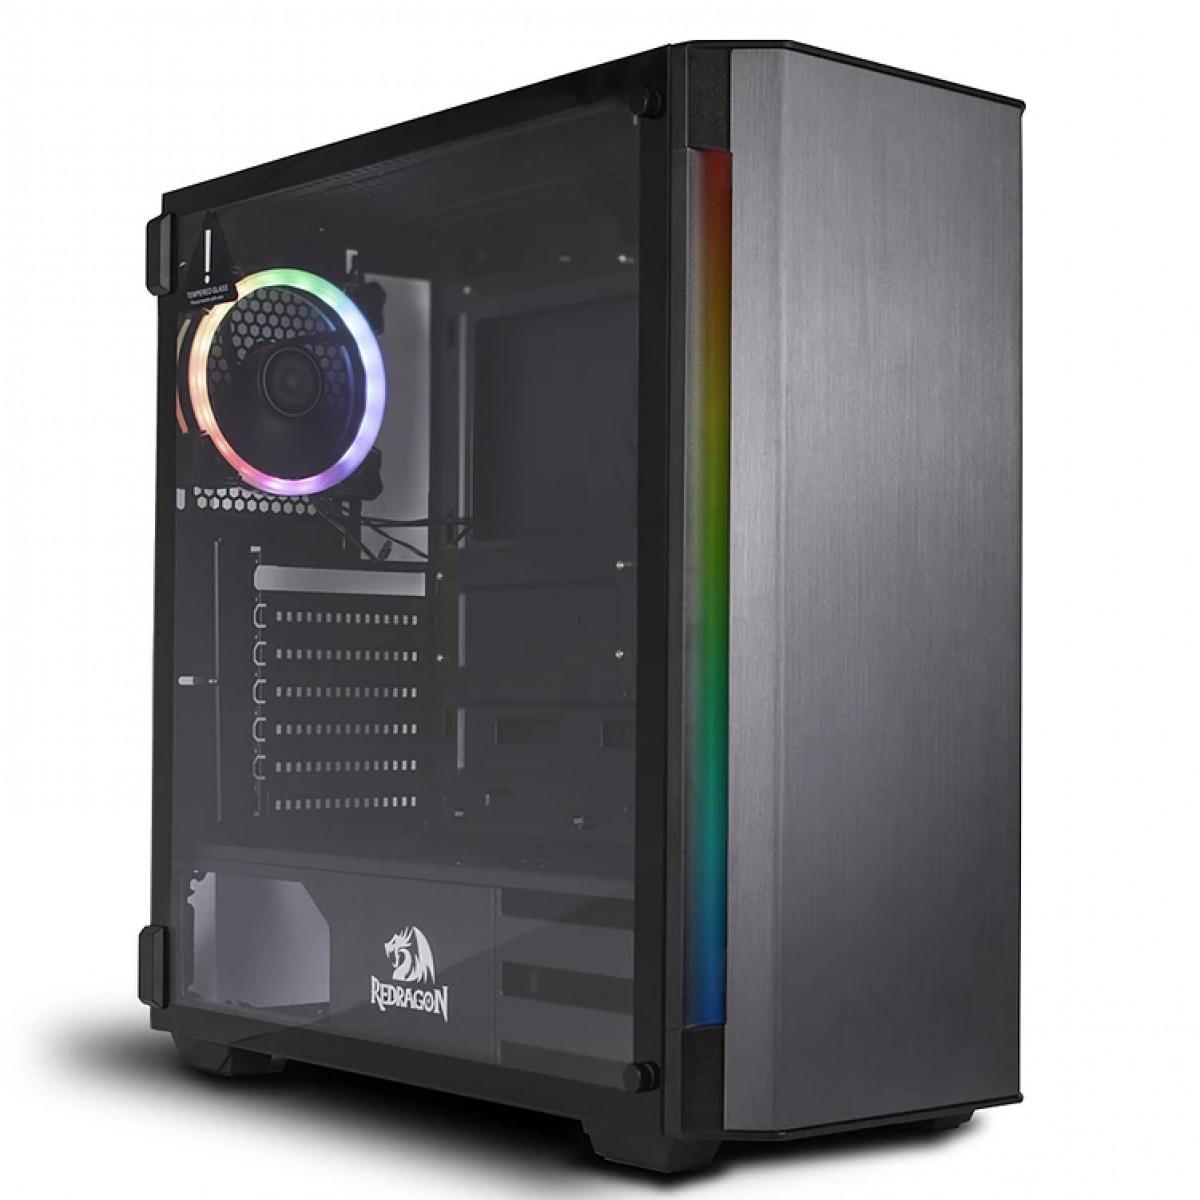 Pc Gamer T-Power Stormbreaker Lvl-2 AMD Ryzen 9 3900X / Geforce RTX 2060 Super / DDR4 16GB / HD 1TB / 700W